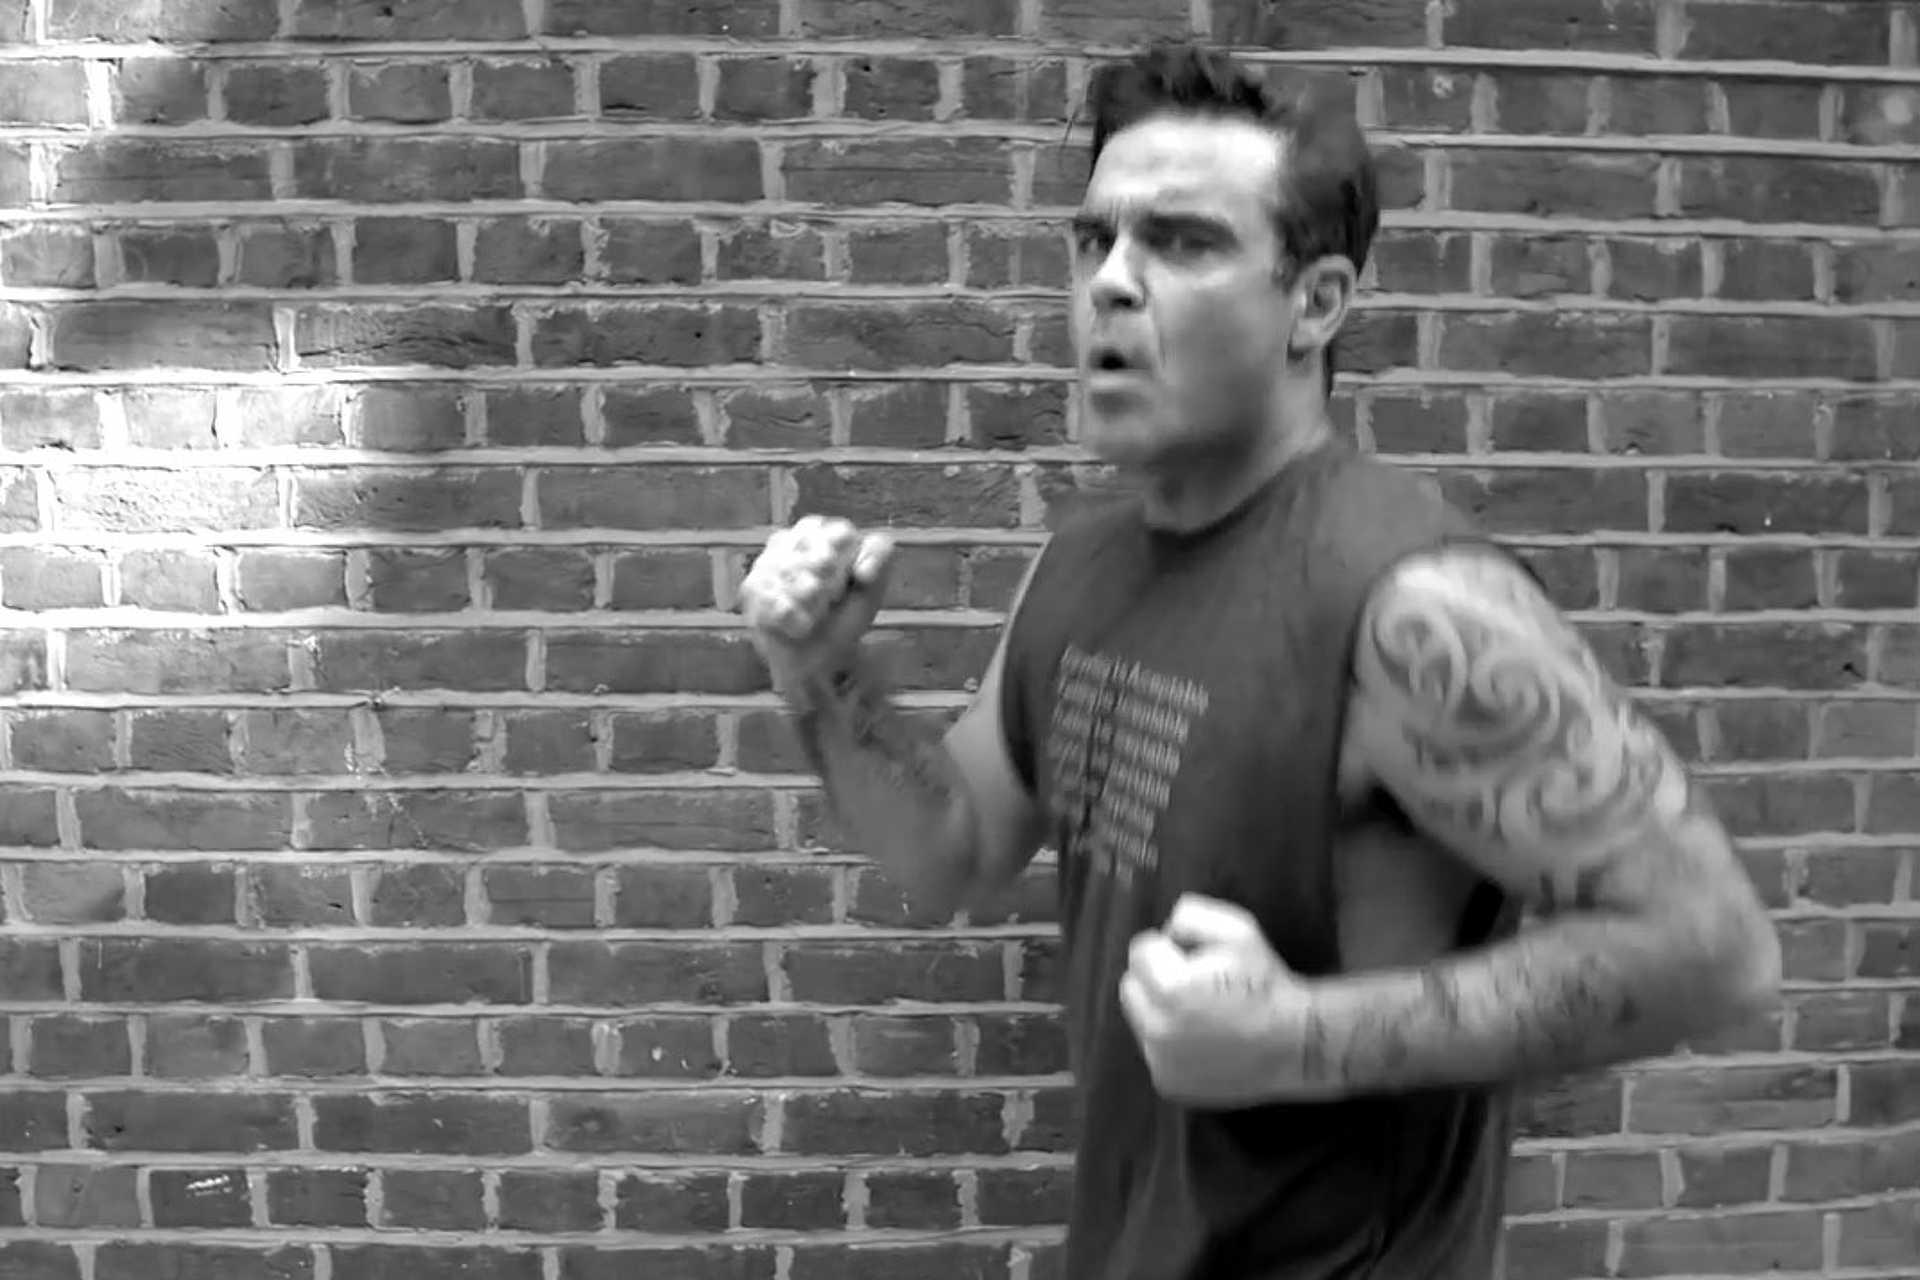 Nyugodj békében, Robbie Williams ép elméje!